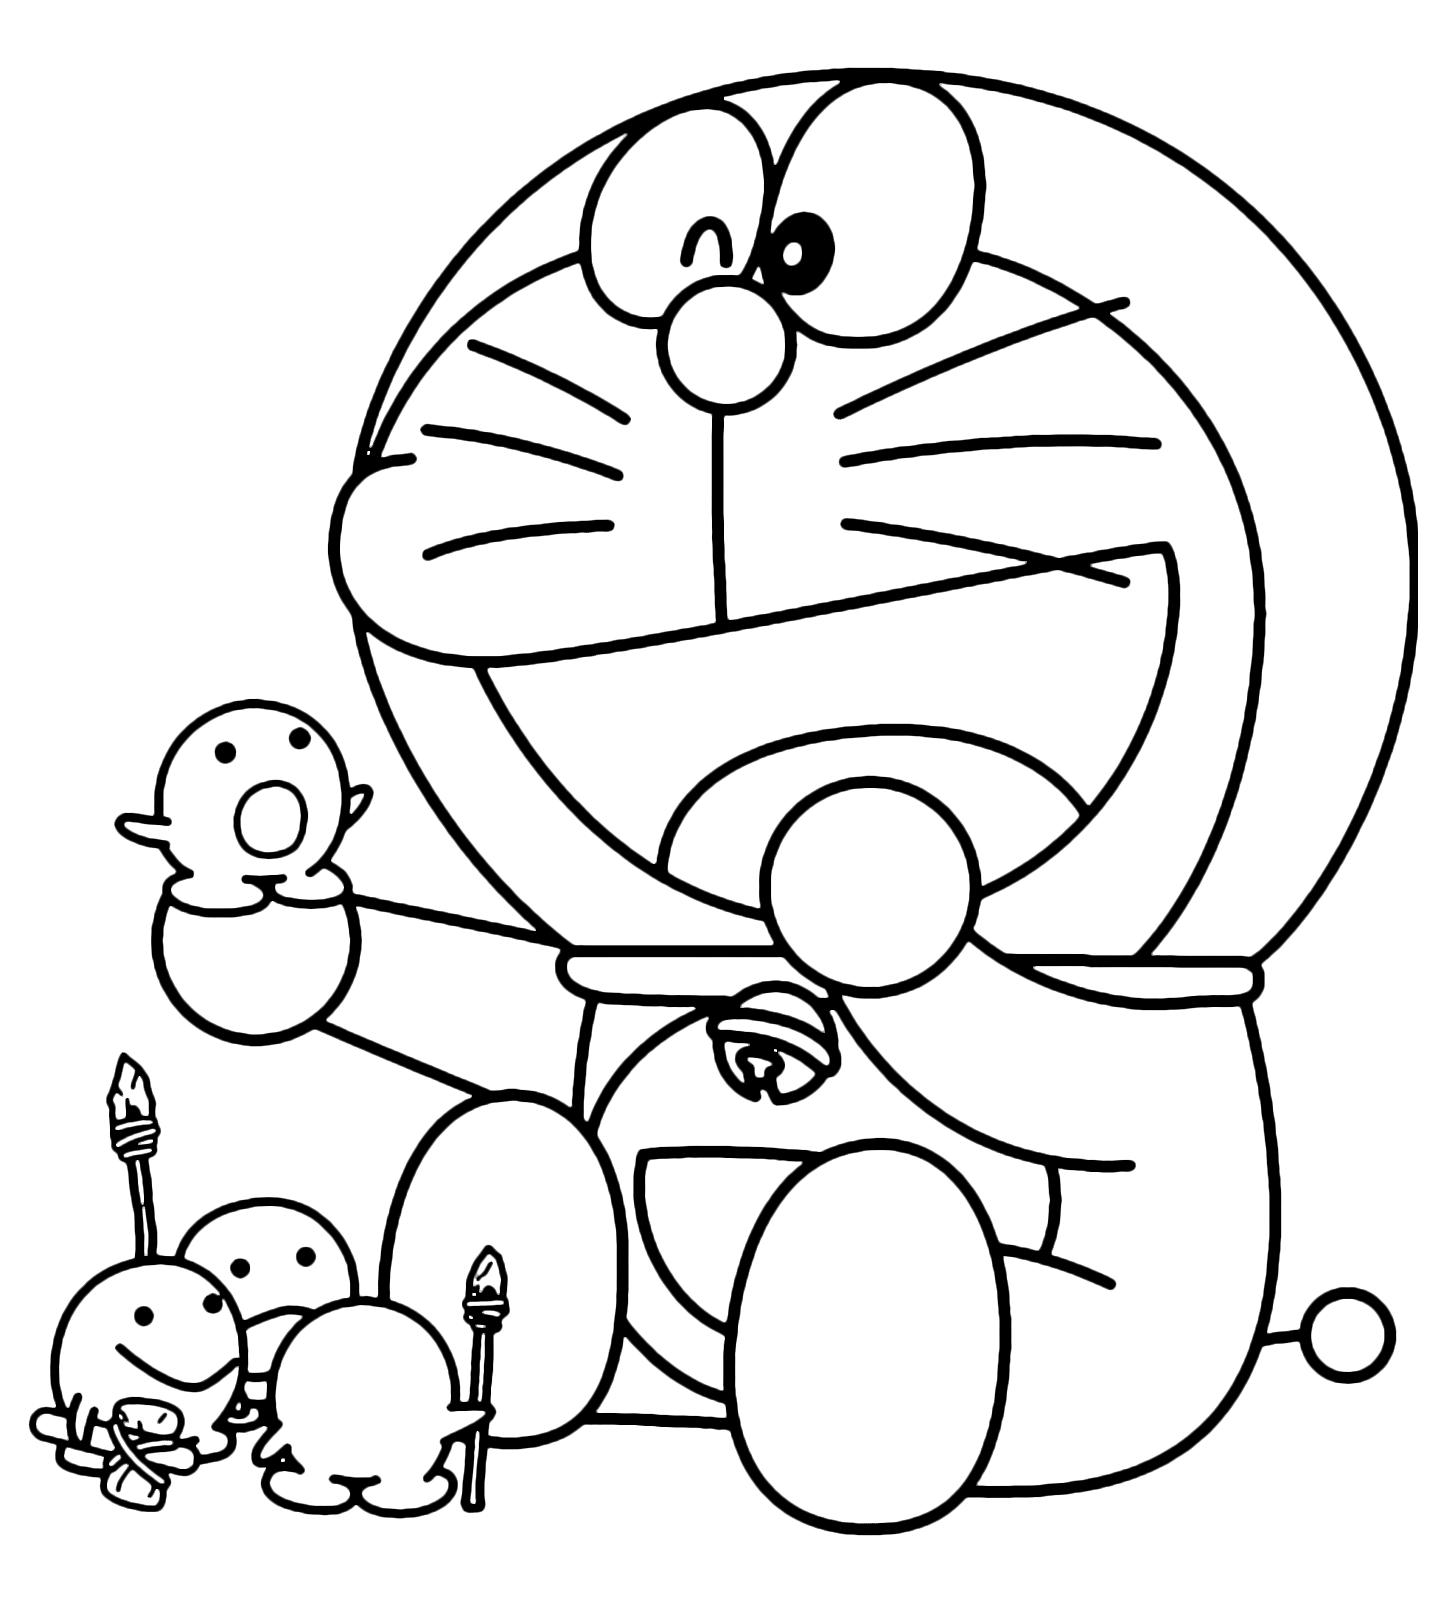 Doraemon doraemon gioca con degli strani animaletti for Disegni da colorare doraemon